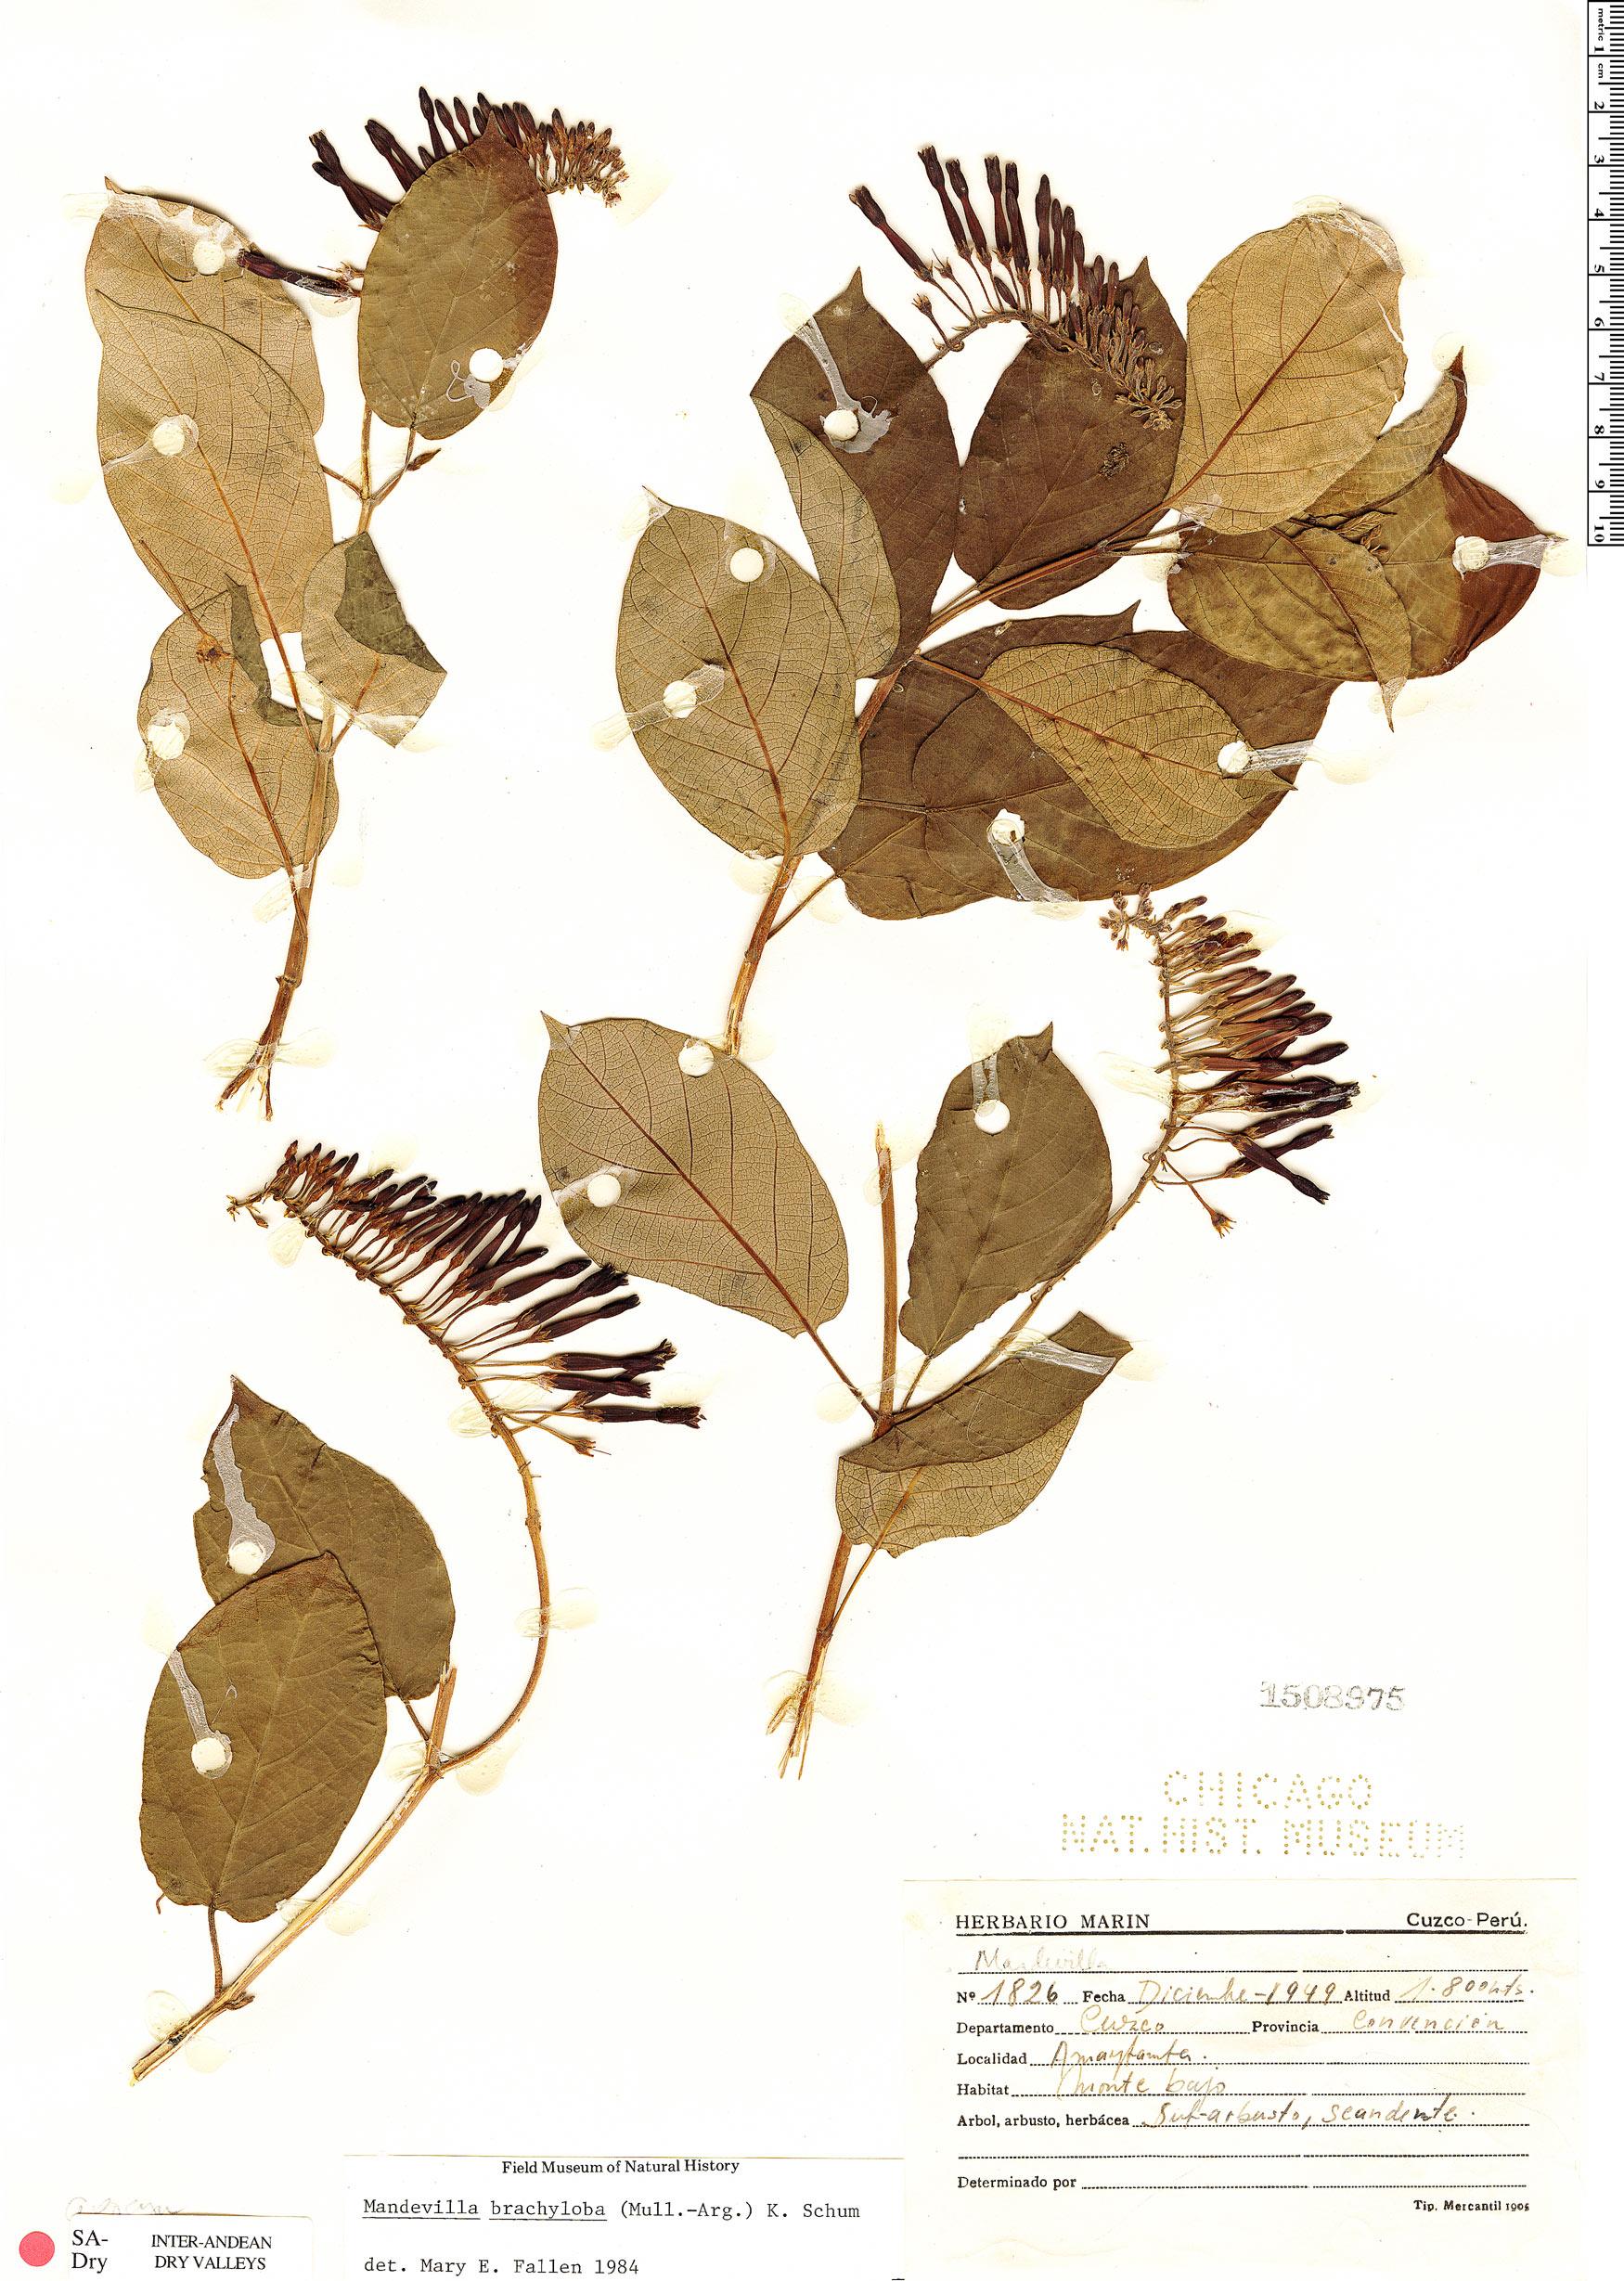 Espécimen: Mandevilla brachyloba